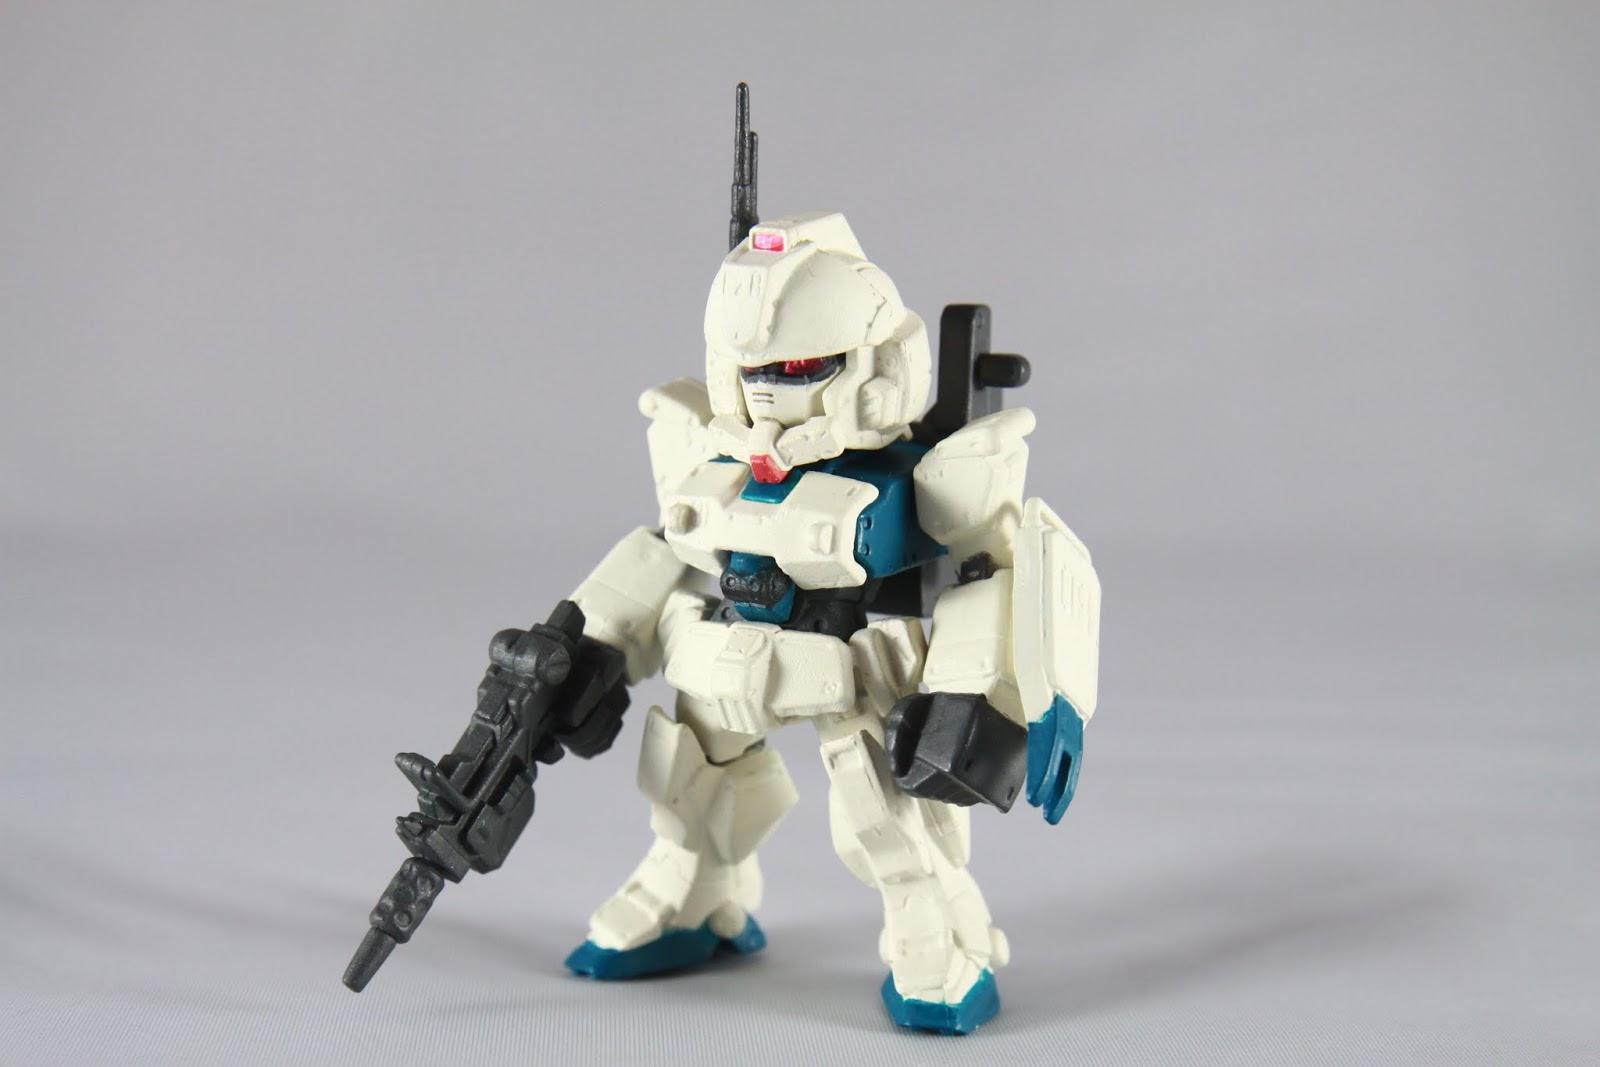 雖然只是弱弱的陸戰型鋼彈 但Ez8看起來就是比較帥